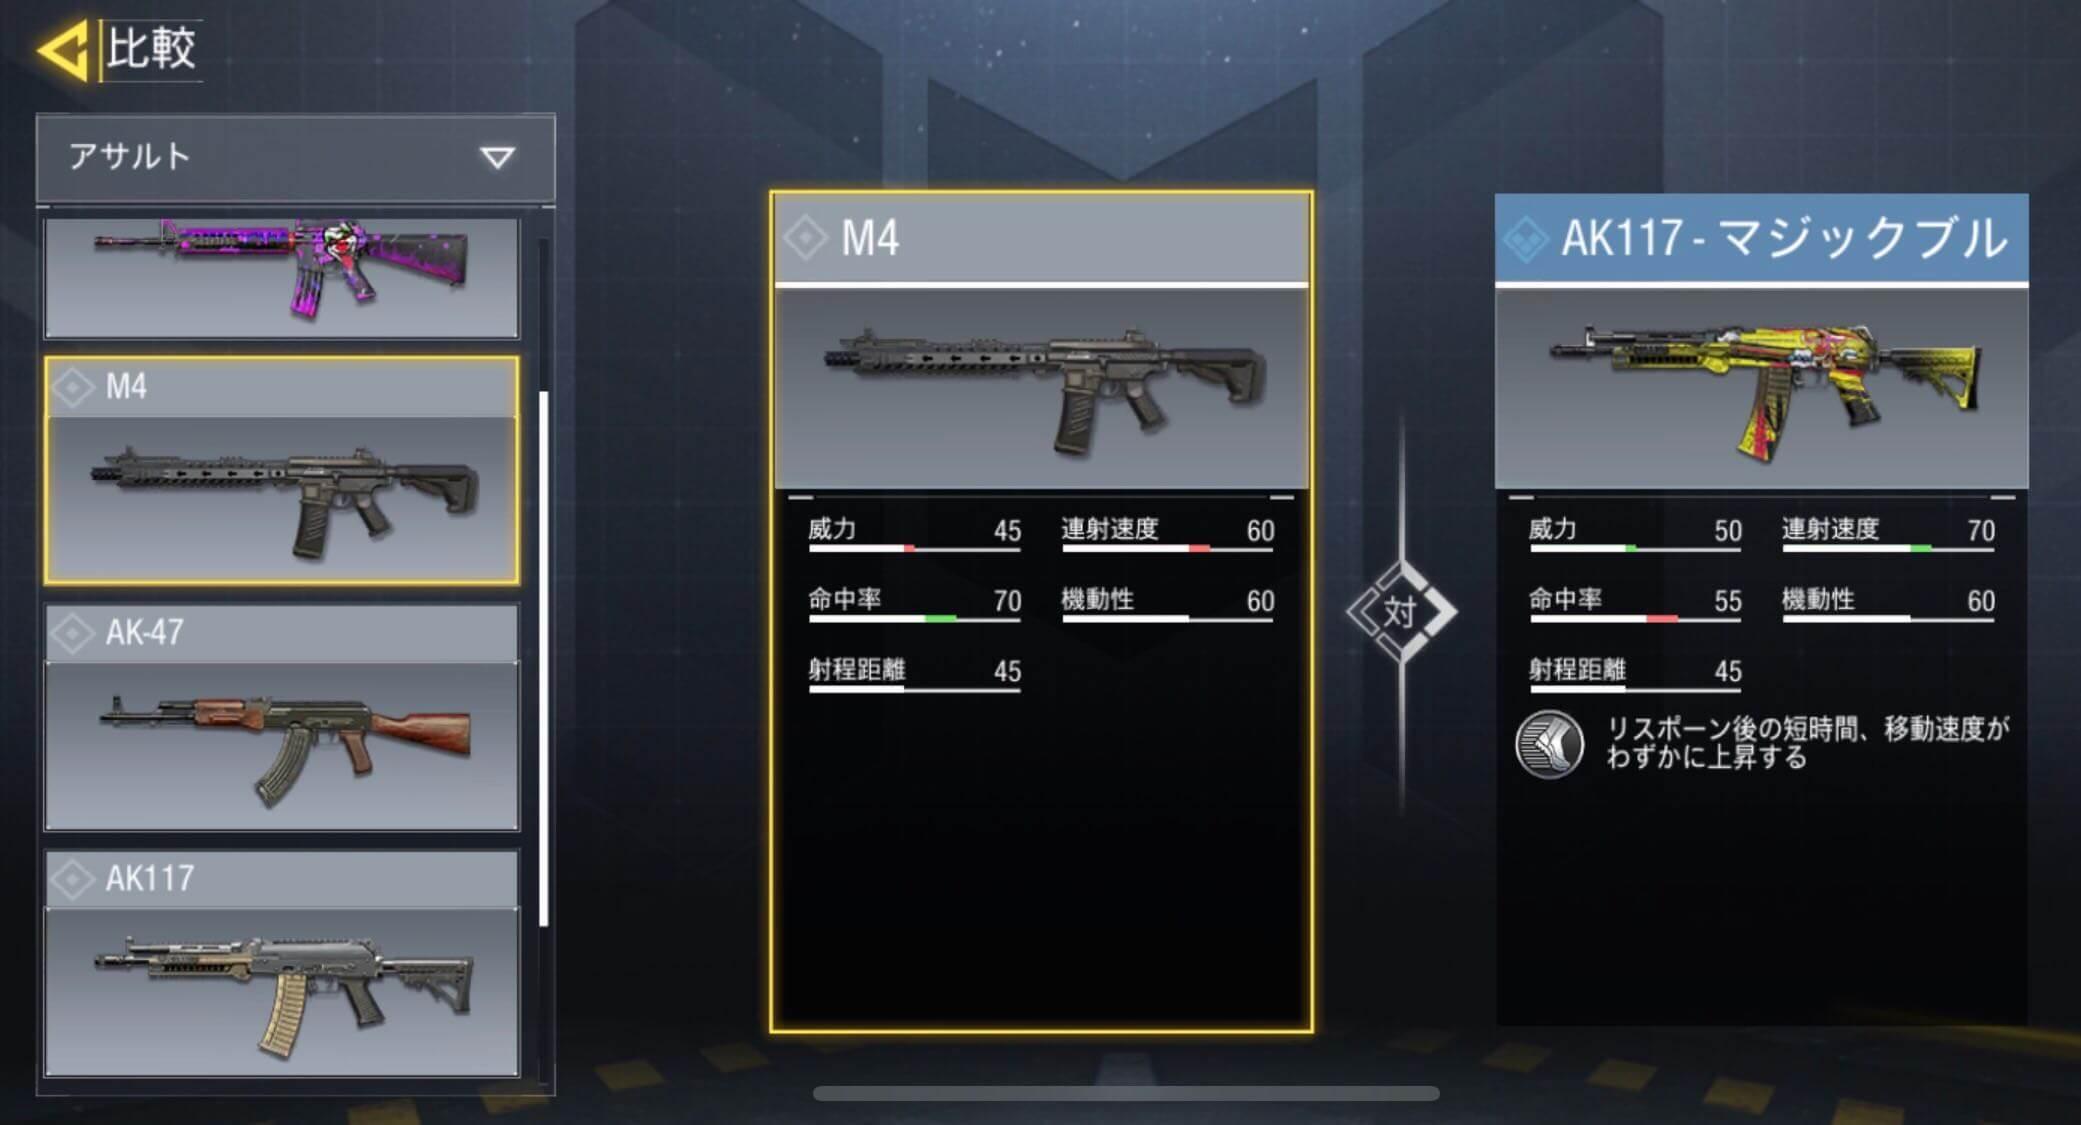 【CoDモバイル】「AK117」と「M4」の比較